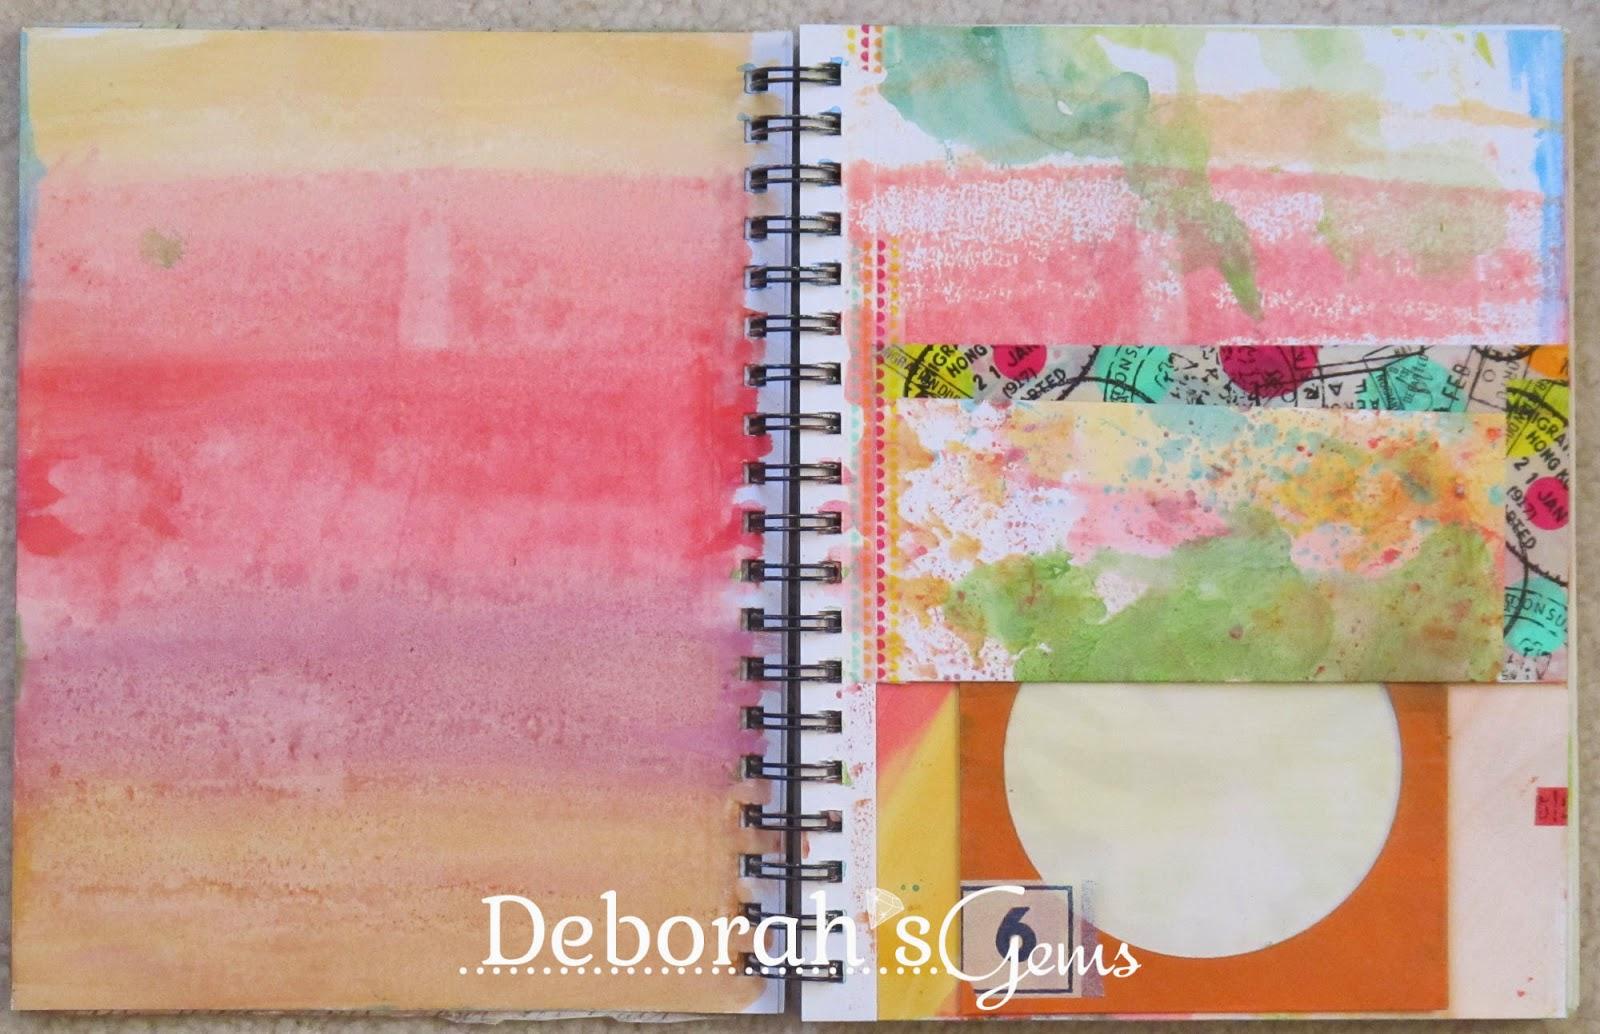 365 Days of Being 2 - photo by Deborah Frings - Deborah's Gems